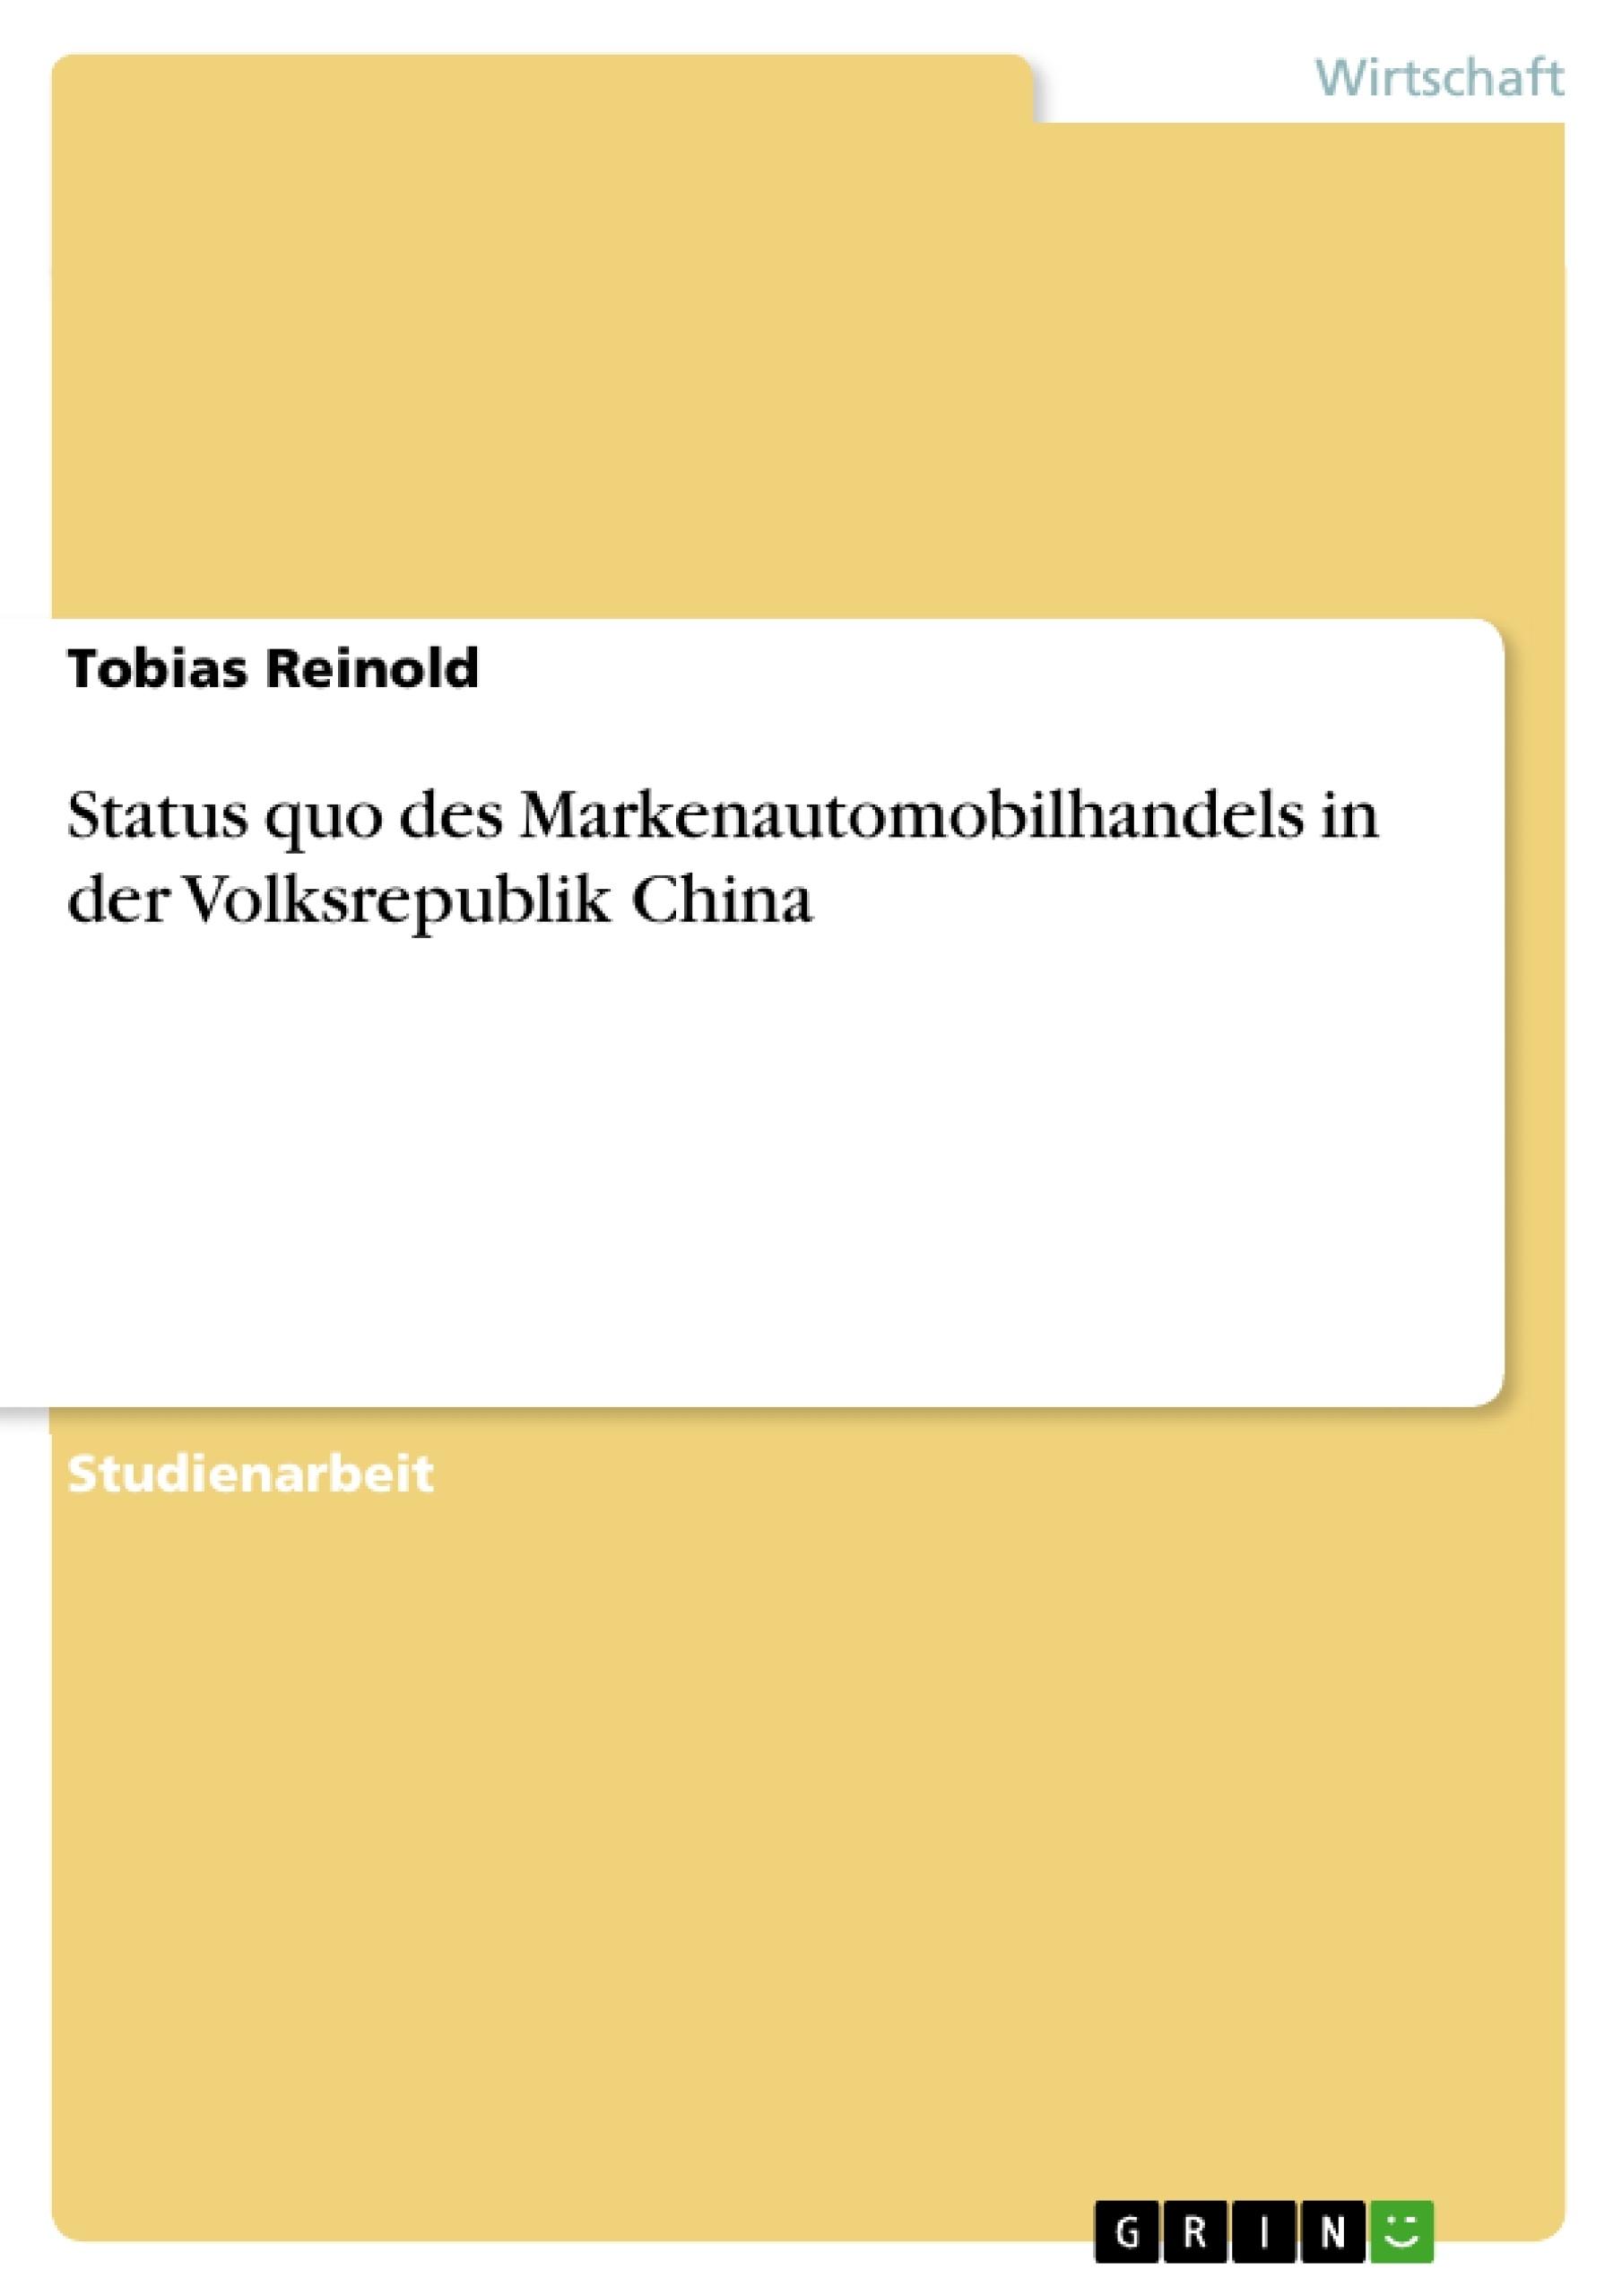 Titel: Status quo des Markenautomobilhandels  in der Volksrepublik China